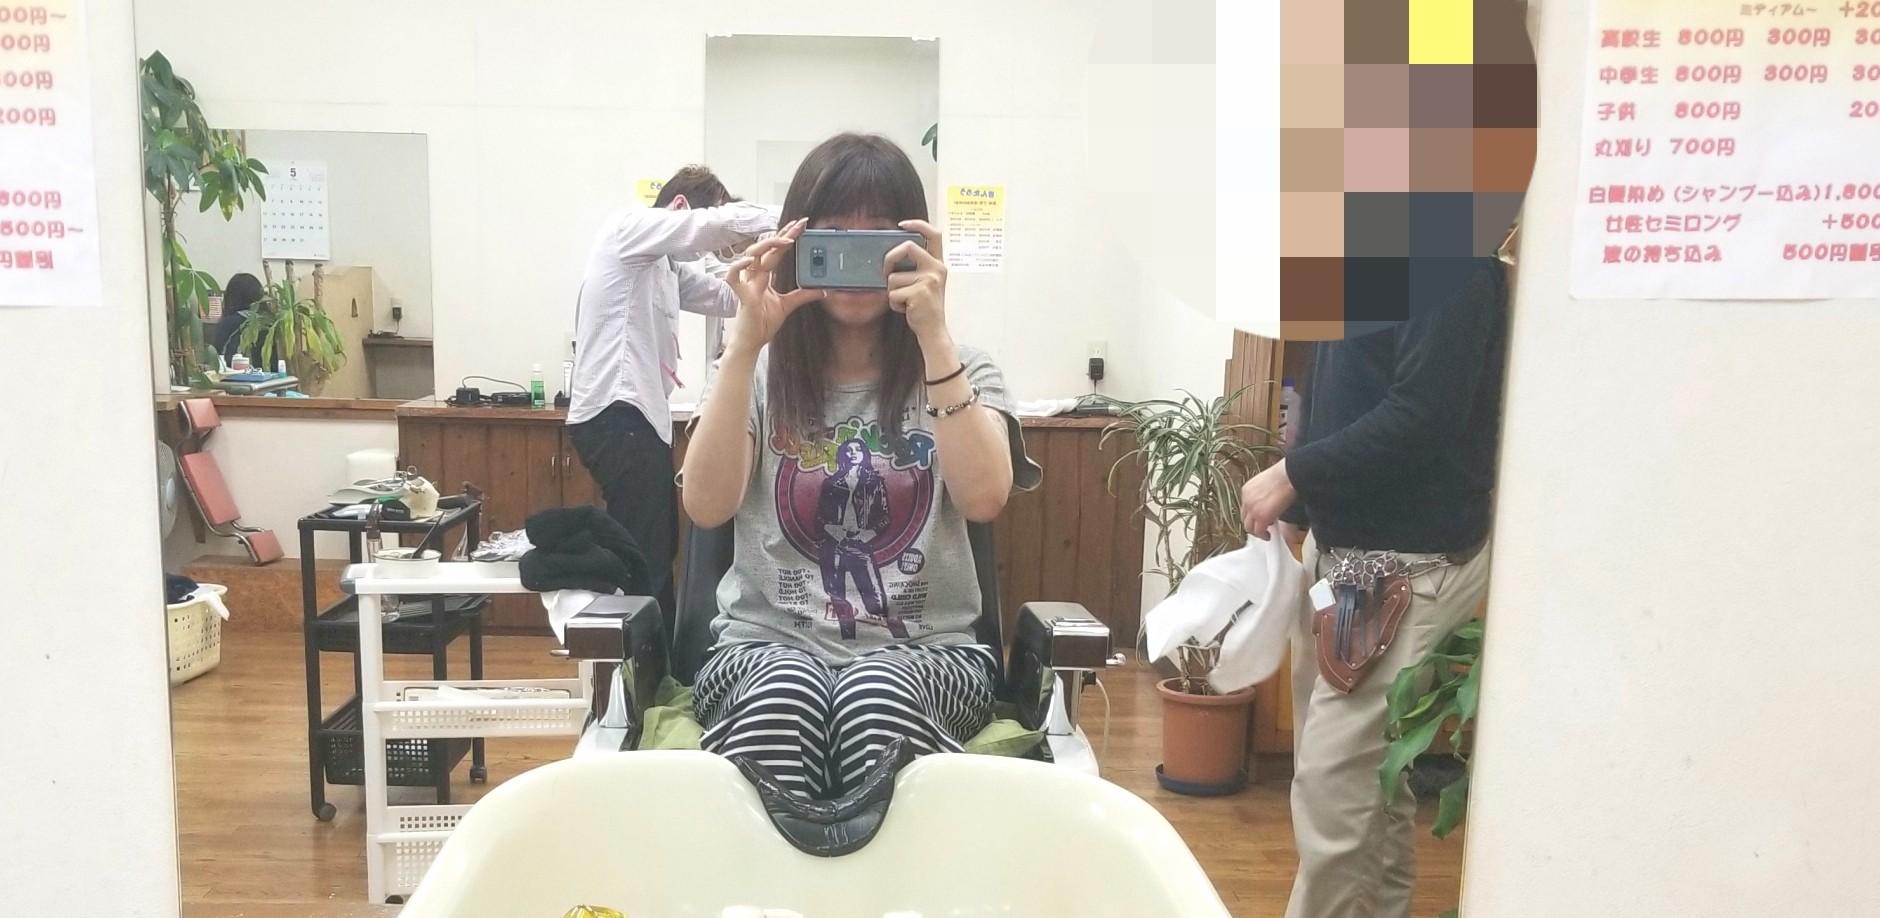 千円カット,散髪,白髪染め,愛媛県松山市,きんたろう,1000円